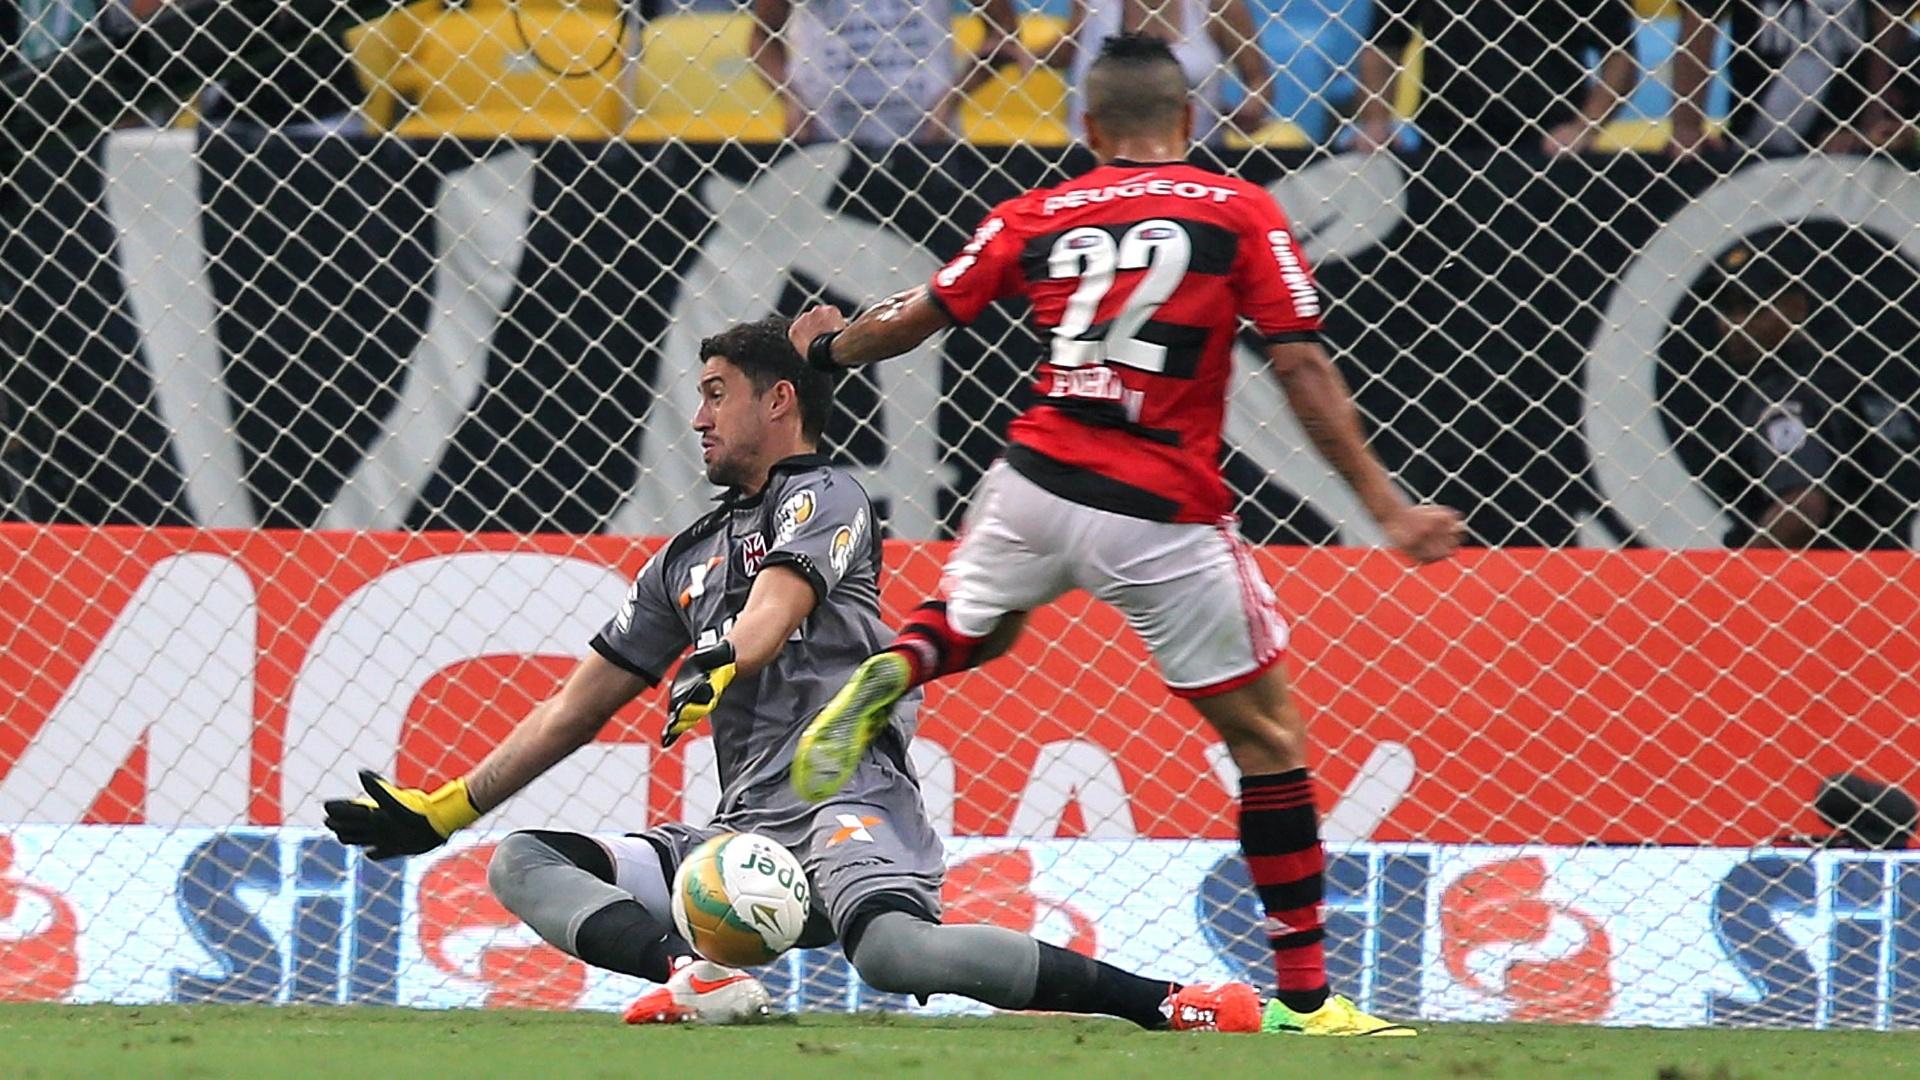 Goleiro Martin Silva evita gol do Flamengo em finalização de Everton